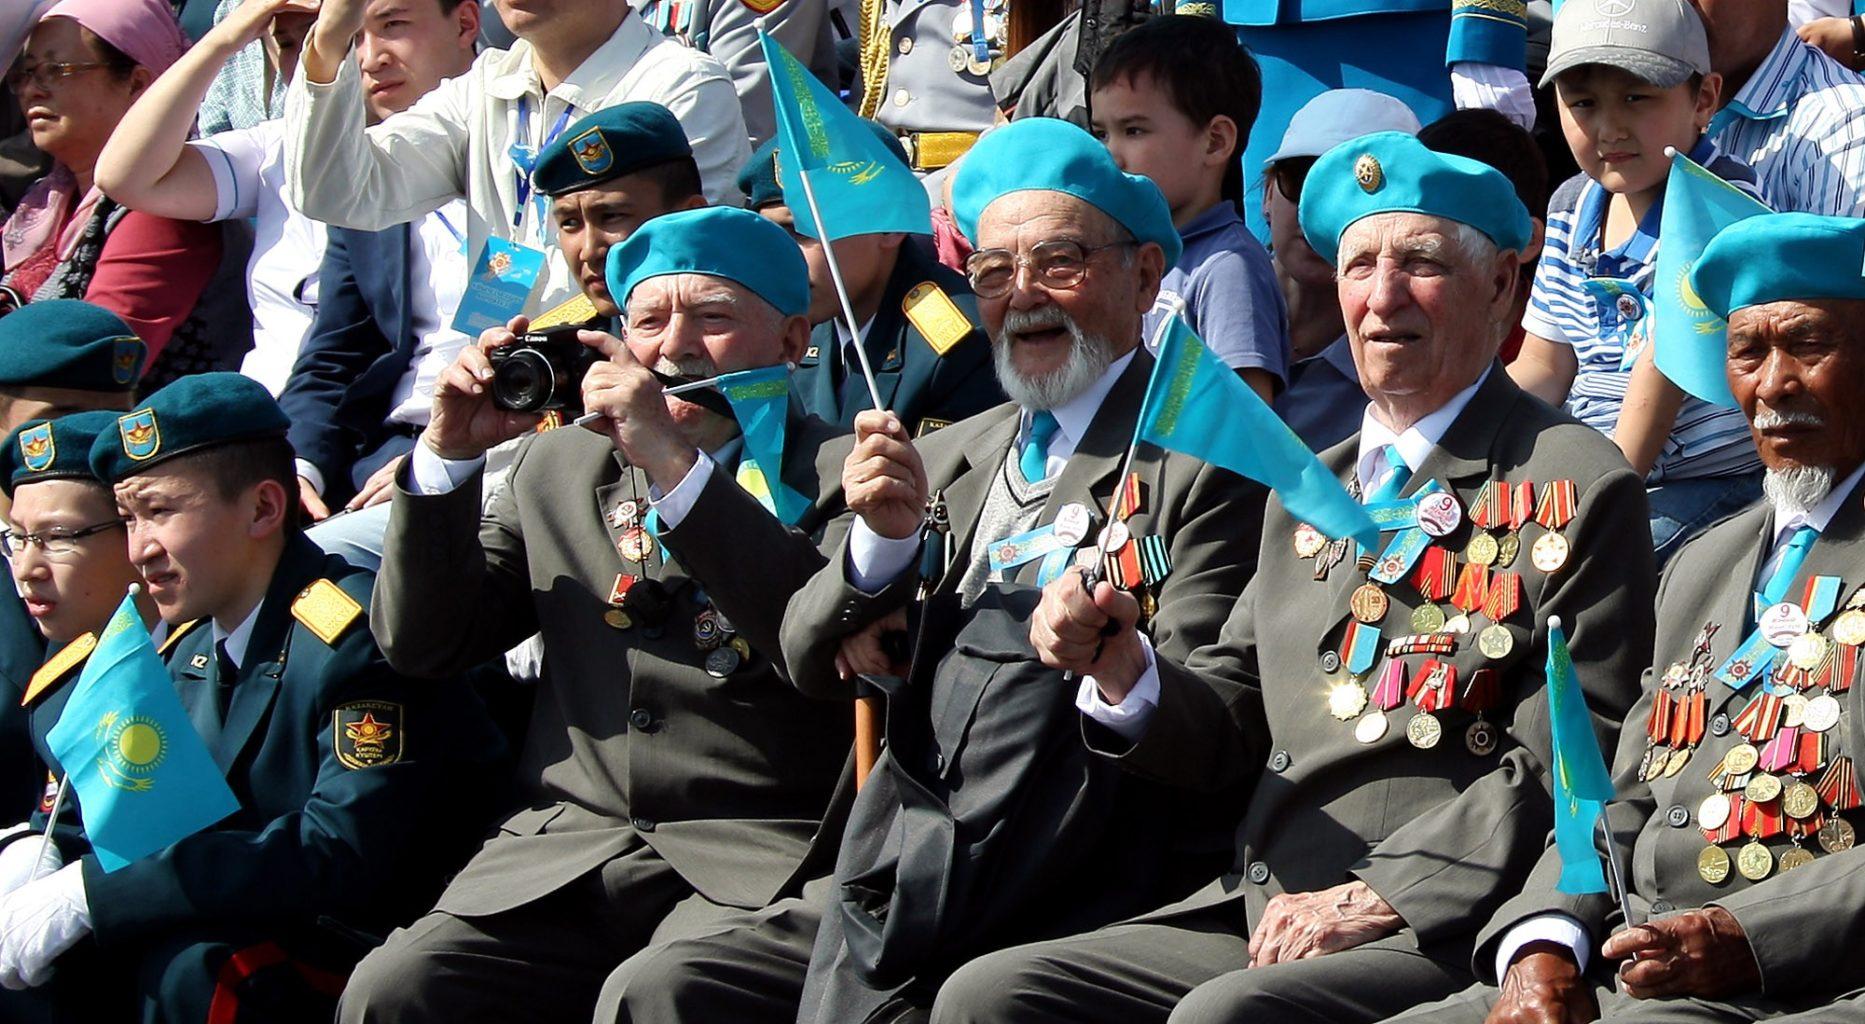 Ветеранам ВОВ предложили выплатить по 1 млн тенге ко Дню Победы